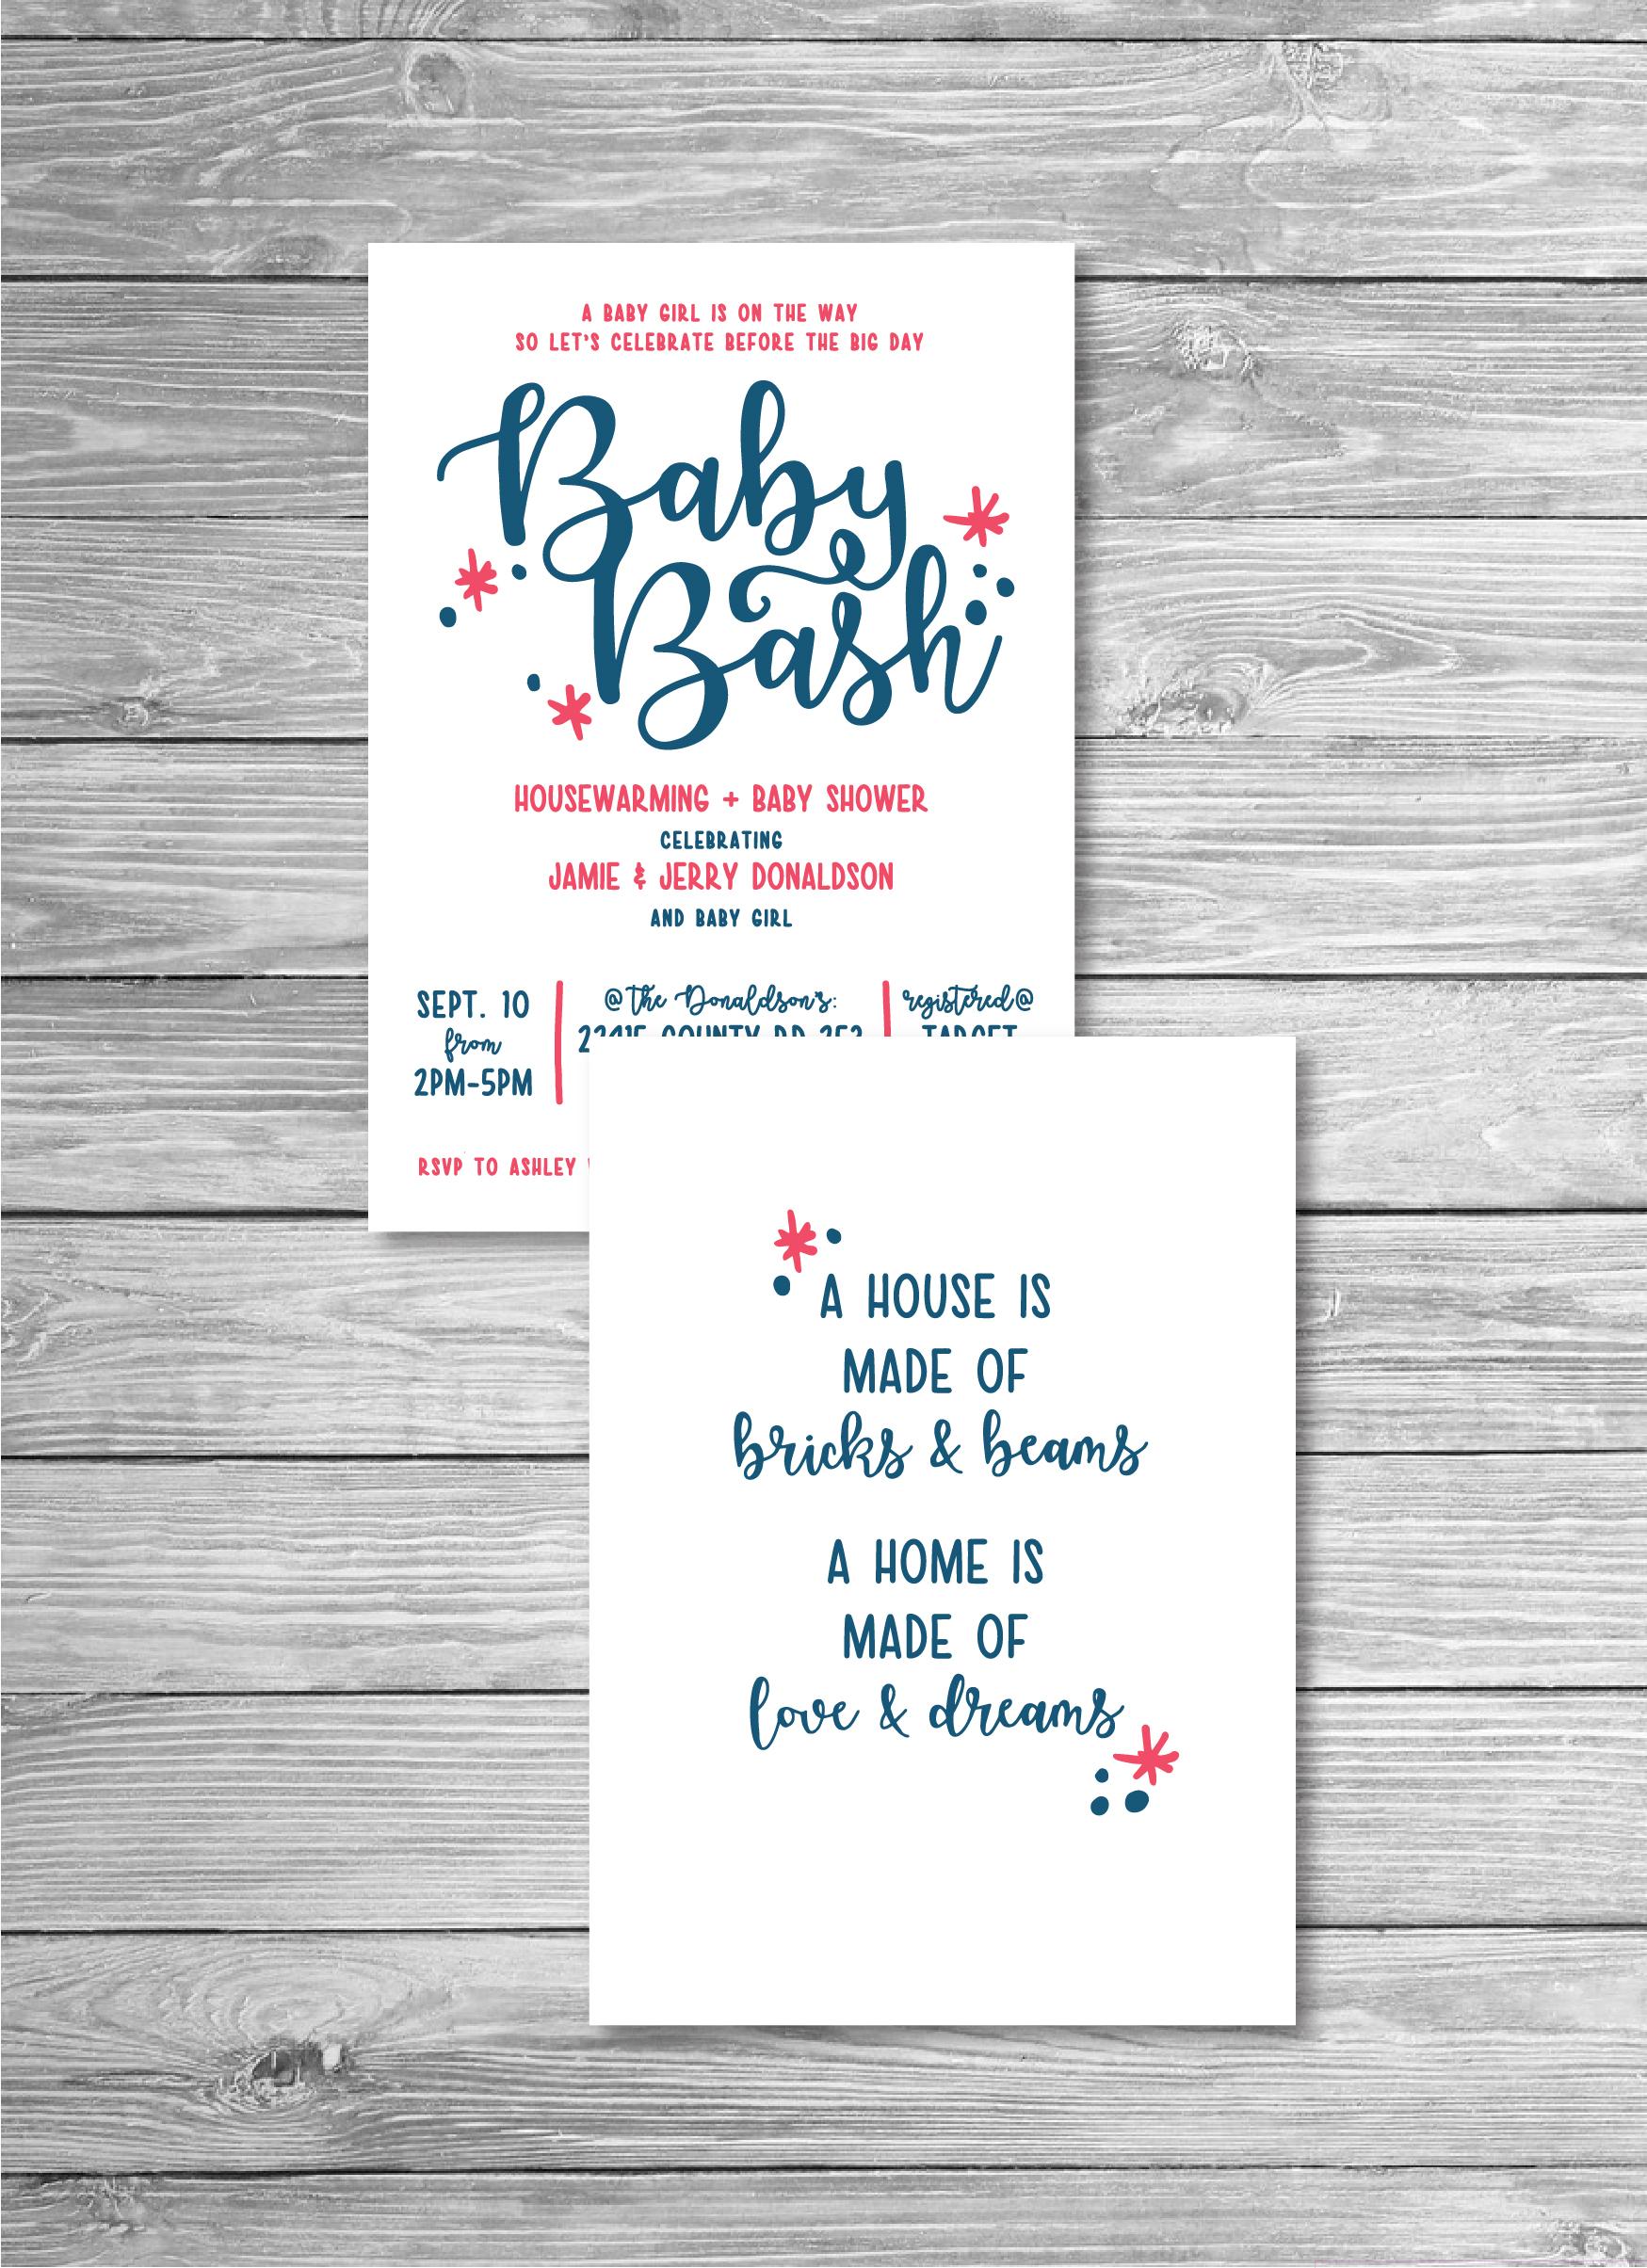 Baby Shower-Ashley-11